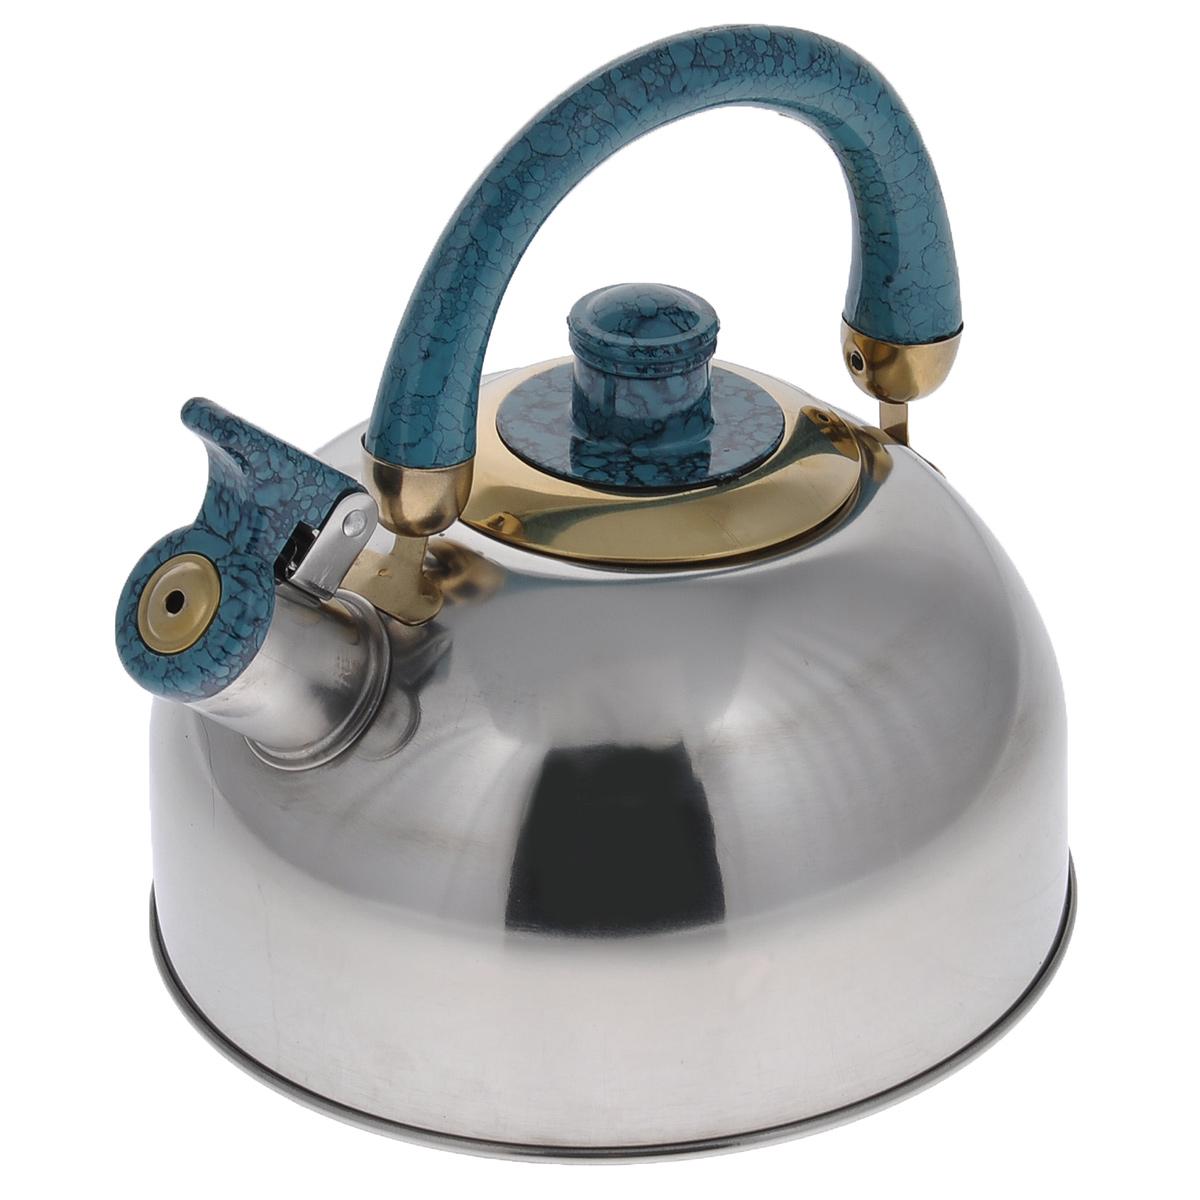 Чайник Mayer & Boch, со свистком, цвет: бирюзовый, 3 л. 162254 009312Чайник Mayer & Boch изготовлен из высококачественной нержавеющей стали с зеркальной полировкой, что делает его весьма гигиеничным и устойчивым к износу при длительном использовании. Гладкая и ровная поверхность существенно облегчает уход за посудой. Выполненный из качественных материалов чайник при кипячении сохраняет все полезные свойства воды. Носик чайника имеет откидной свисток, звуковой сигнал которого подскажет, когда закипит вода. Крышка, свисток и ручка выполнены из бакелита.Классический дизайн чайника Mayer & Boch дополнит любую кухню. Подходит для использования на всех типах кухонных плит, кроме индукционные. Высота чайника (с учетом ручки): 20 см. Высота чайника (без учета ручки и крышки): 10,5 см. Диаметр основания чайника: 18,5 см. Диаметр по верхнему краю: 8,5 см.